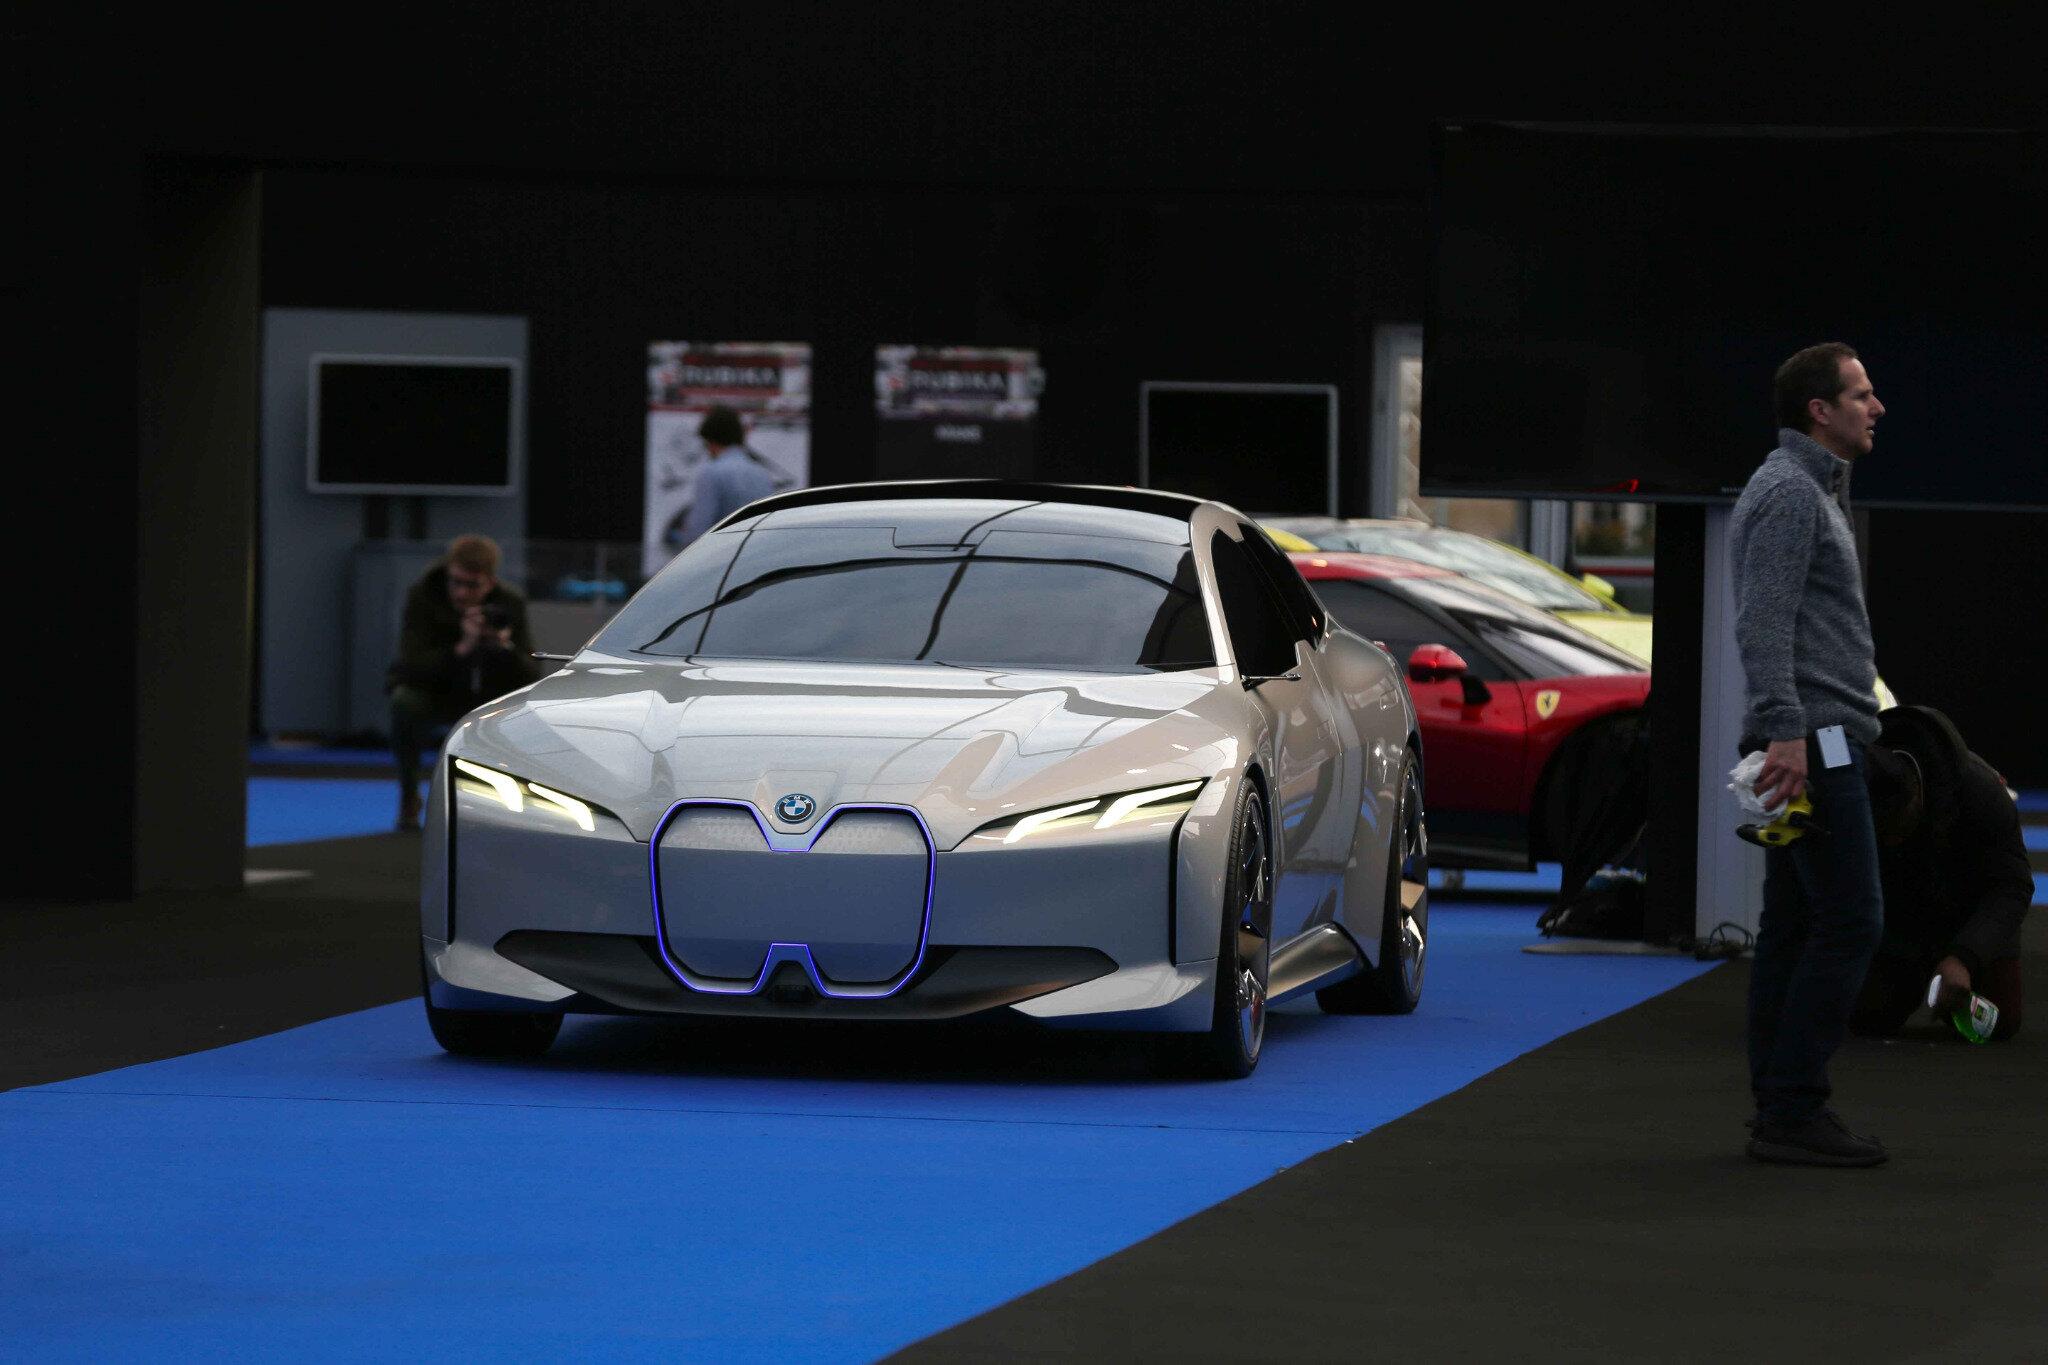 Les concept-cars et le design automobile s'exposent aux Invalides. © Michel Stoupak. Mer 30.01.2019, 09h01m22.